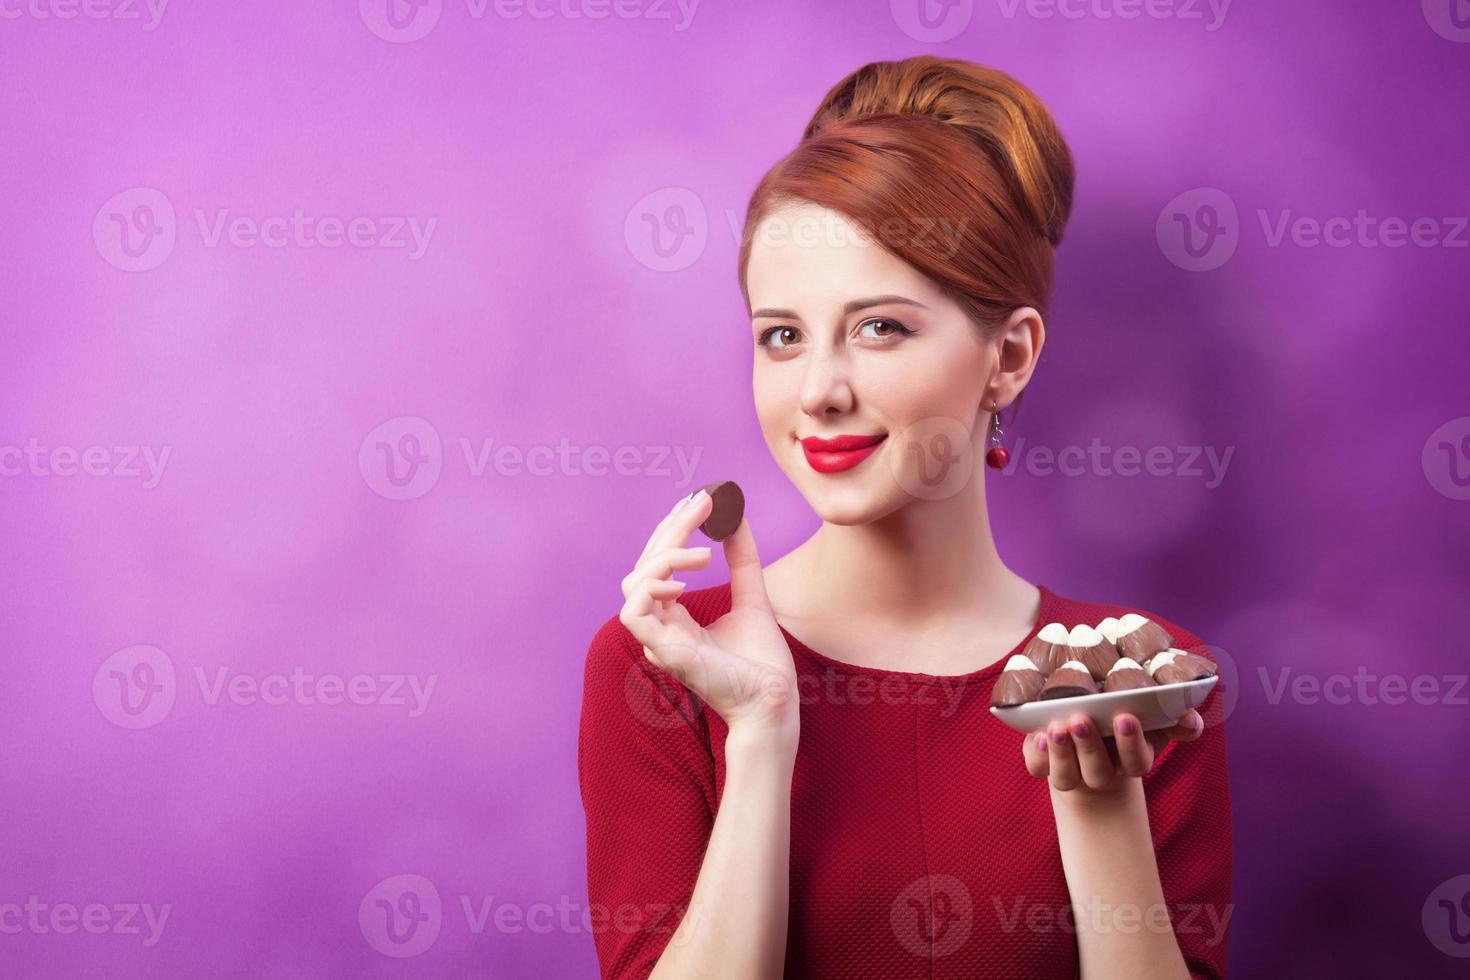 rothaarige Frauen mit Süßigkeiten auf violettem Hintergrund. foto